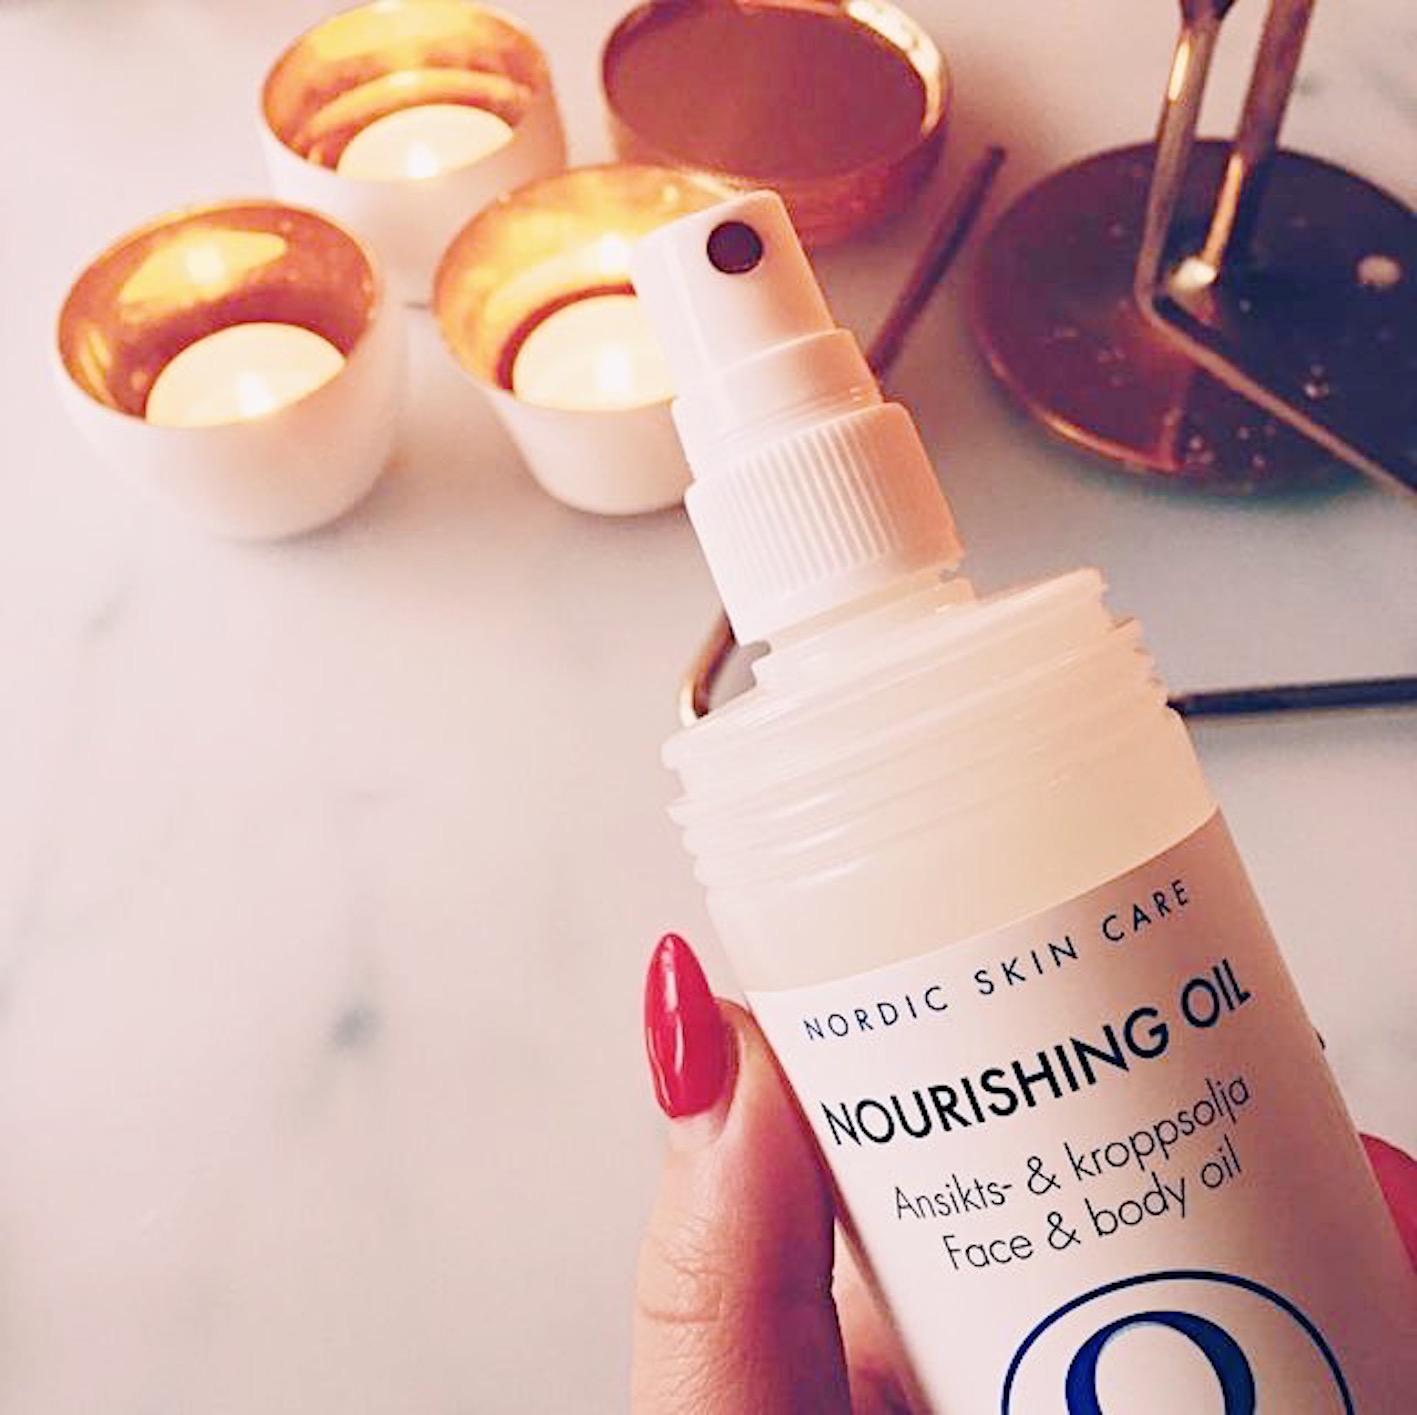 Nourishing Oil - Q for Skin